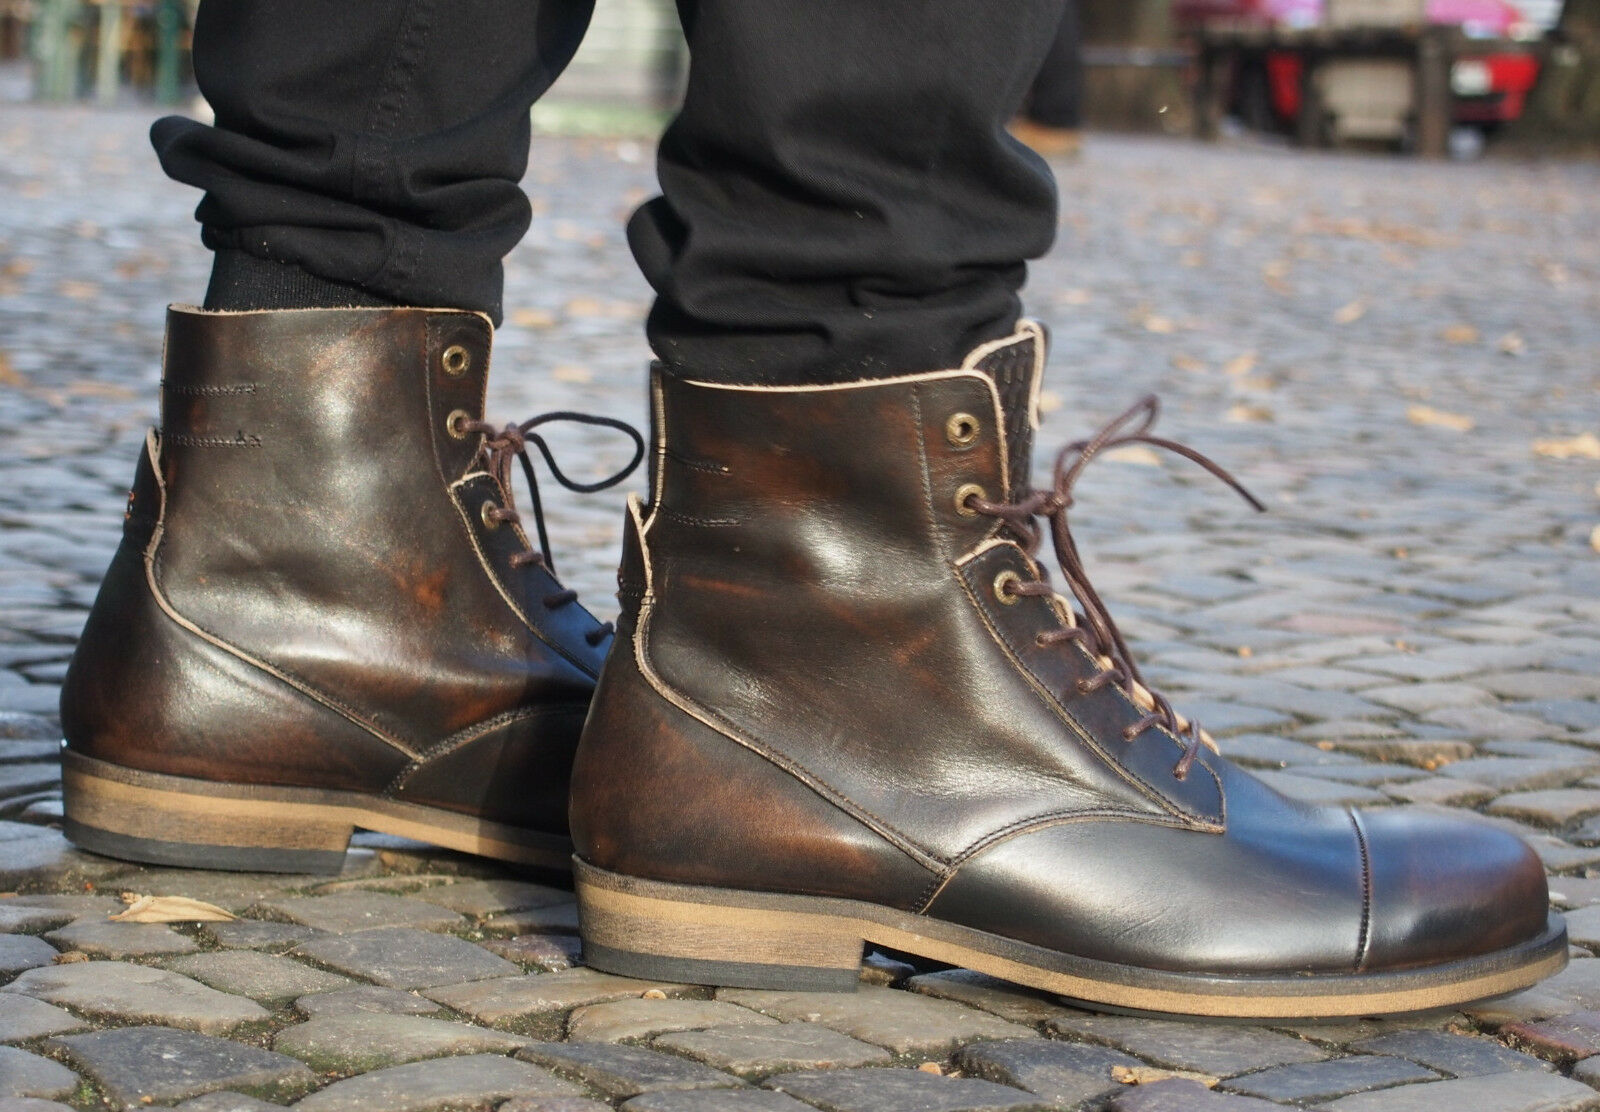 HUB Footwear Herrenschuhe Fullback coffee braun Stiefelette Echtleder NEU SALE